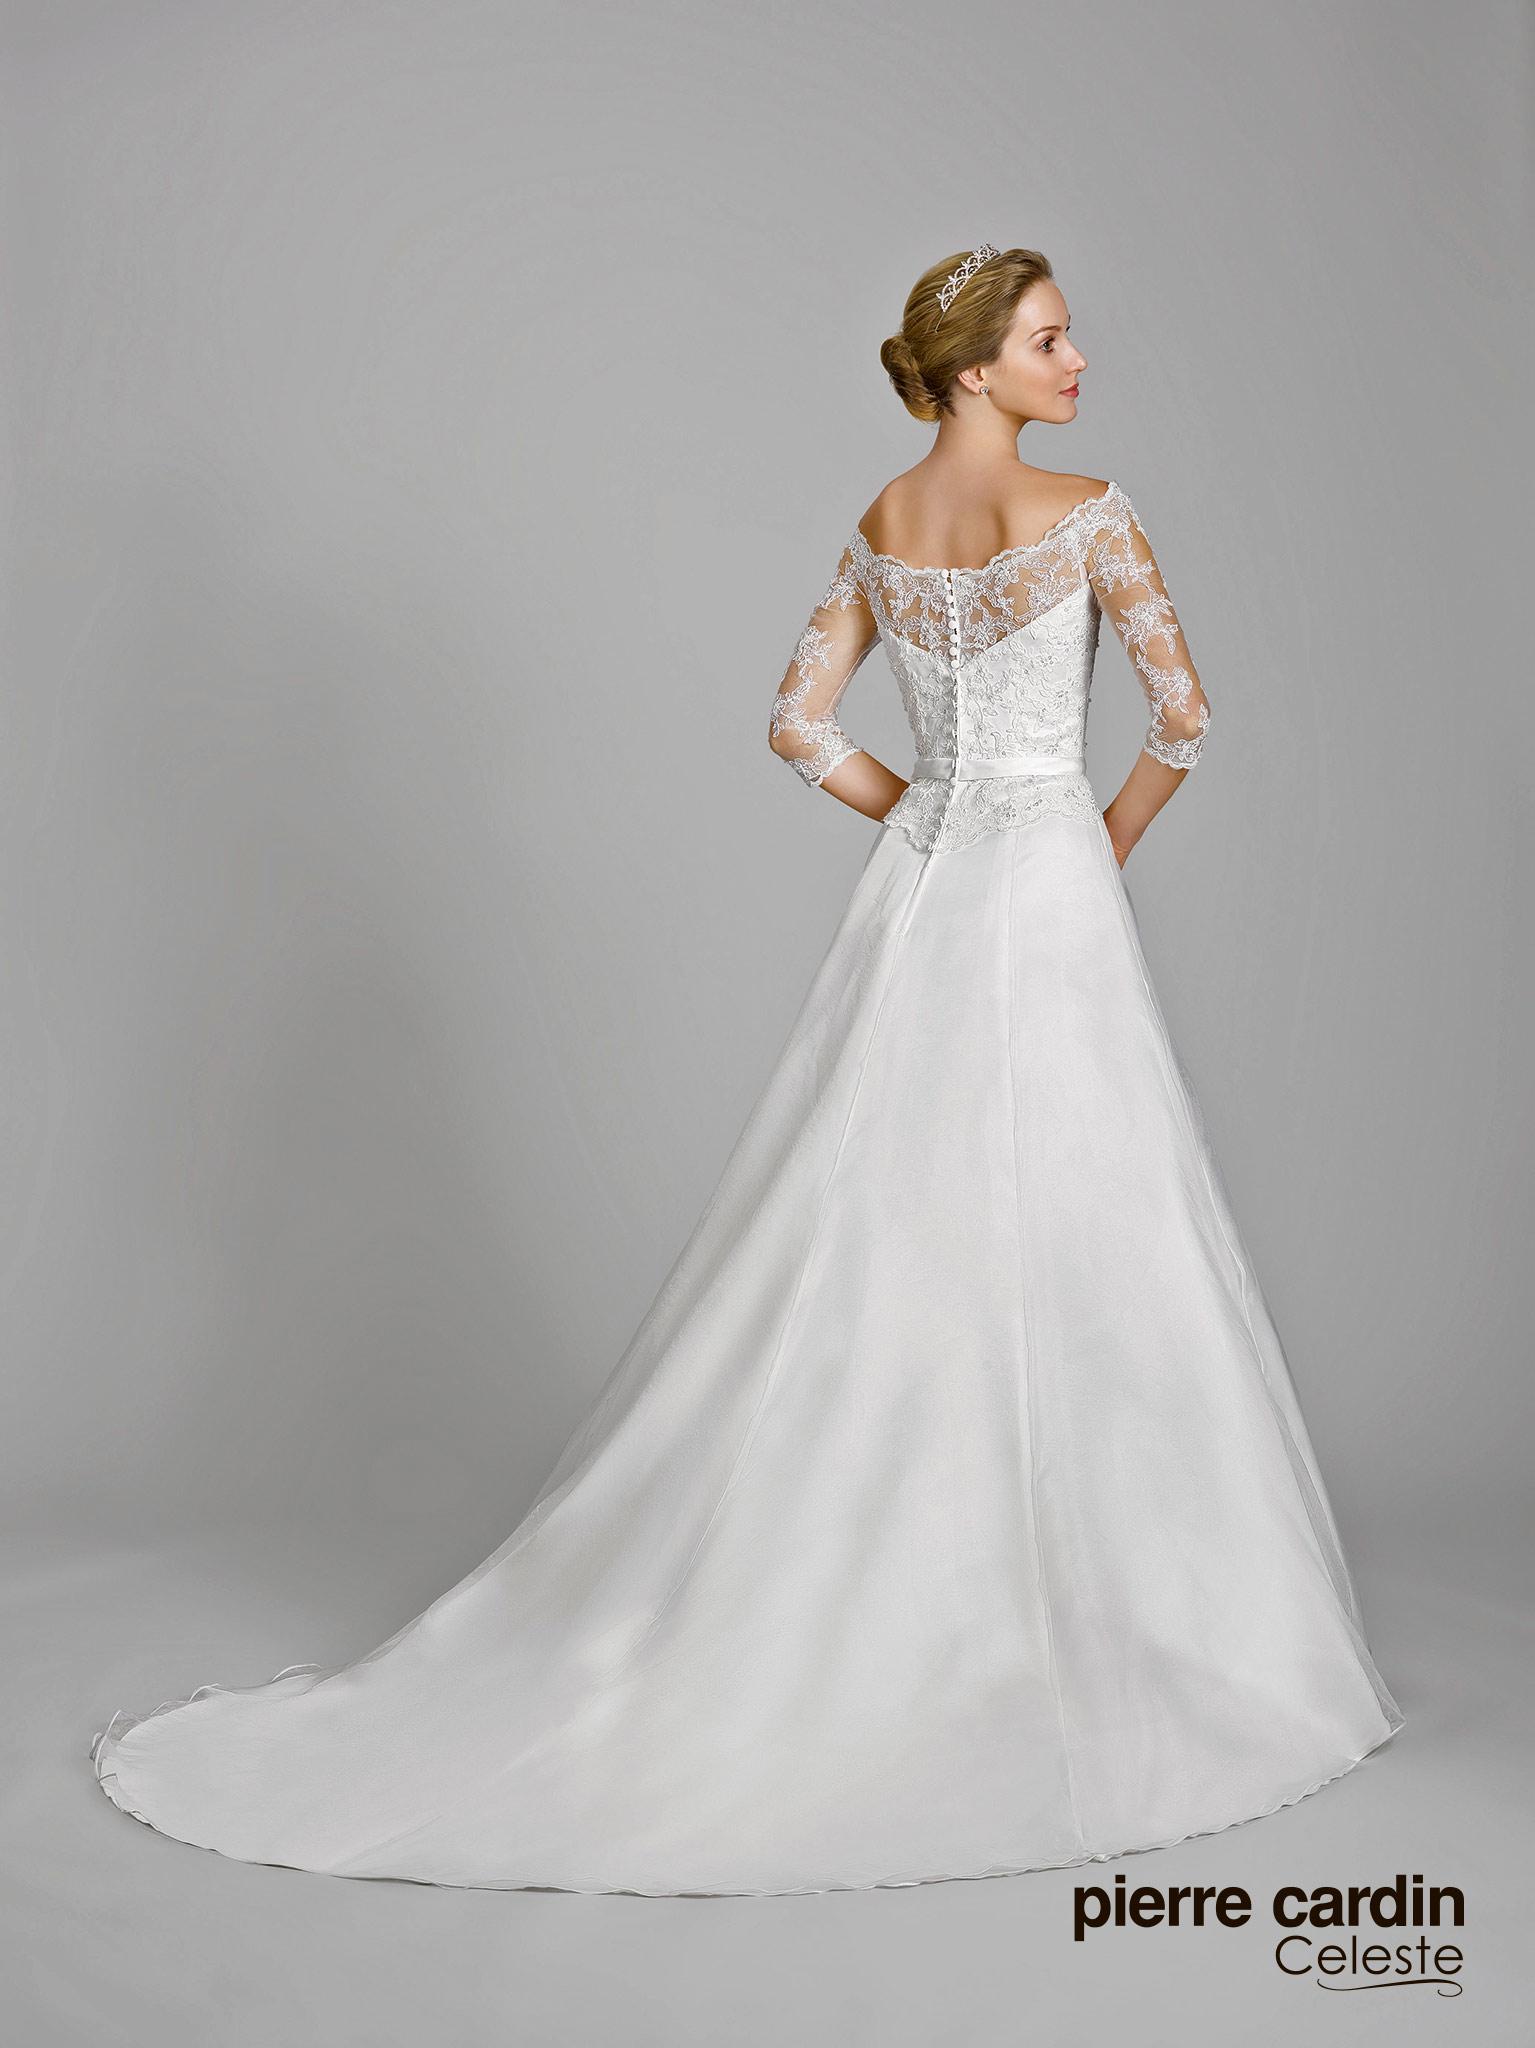 ab28f7f5949 Купить свадебное платье Pierre Cardin в Москве - Свадебный торговый ...